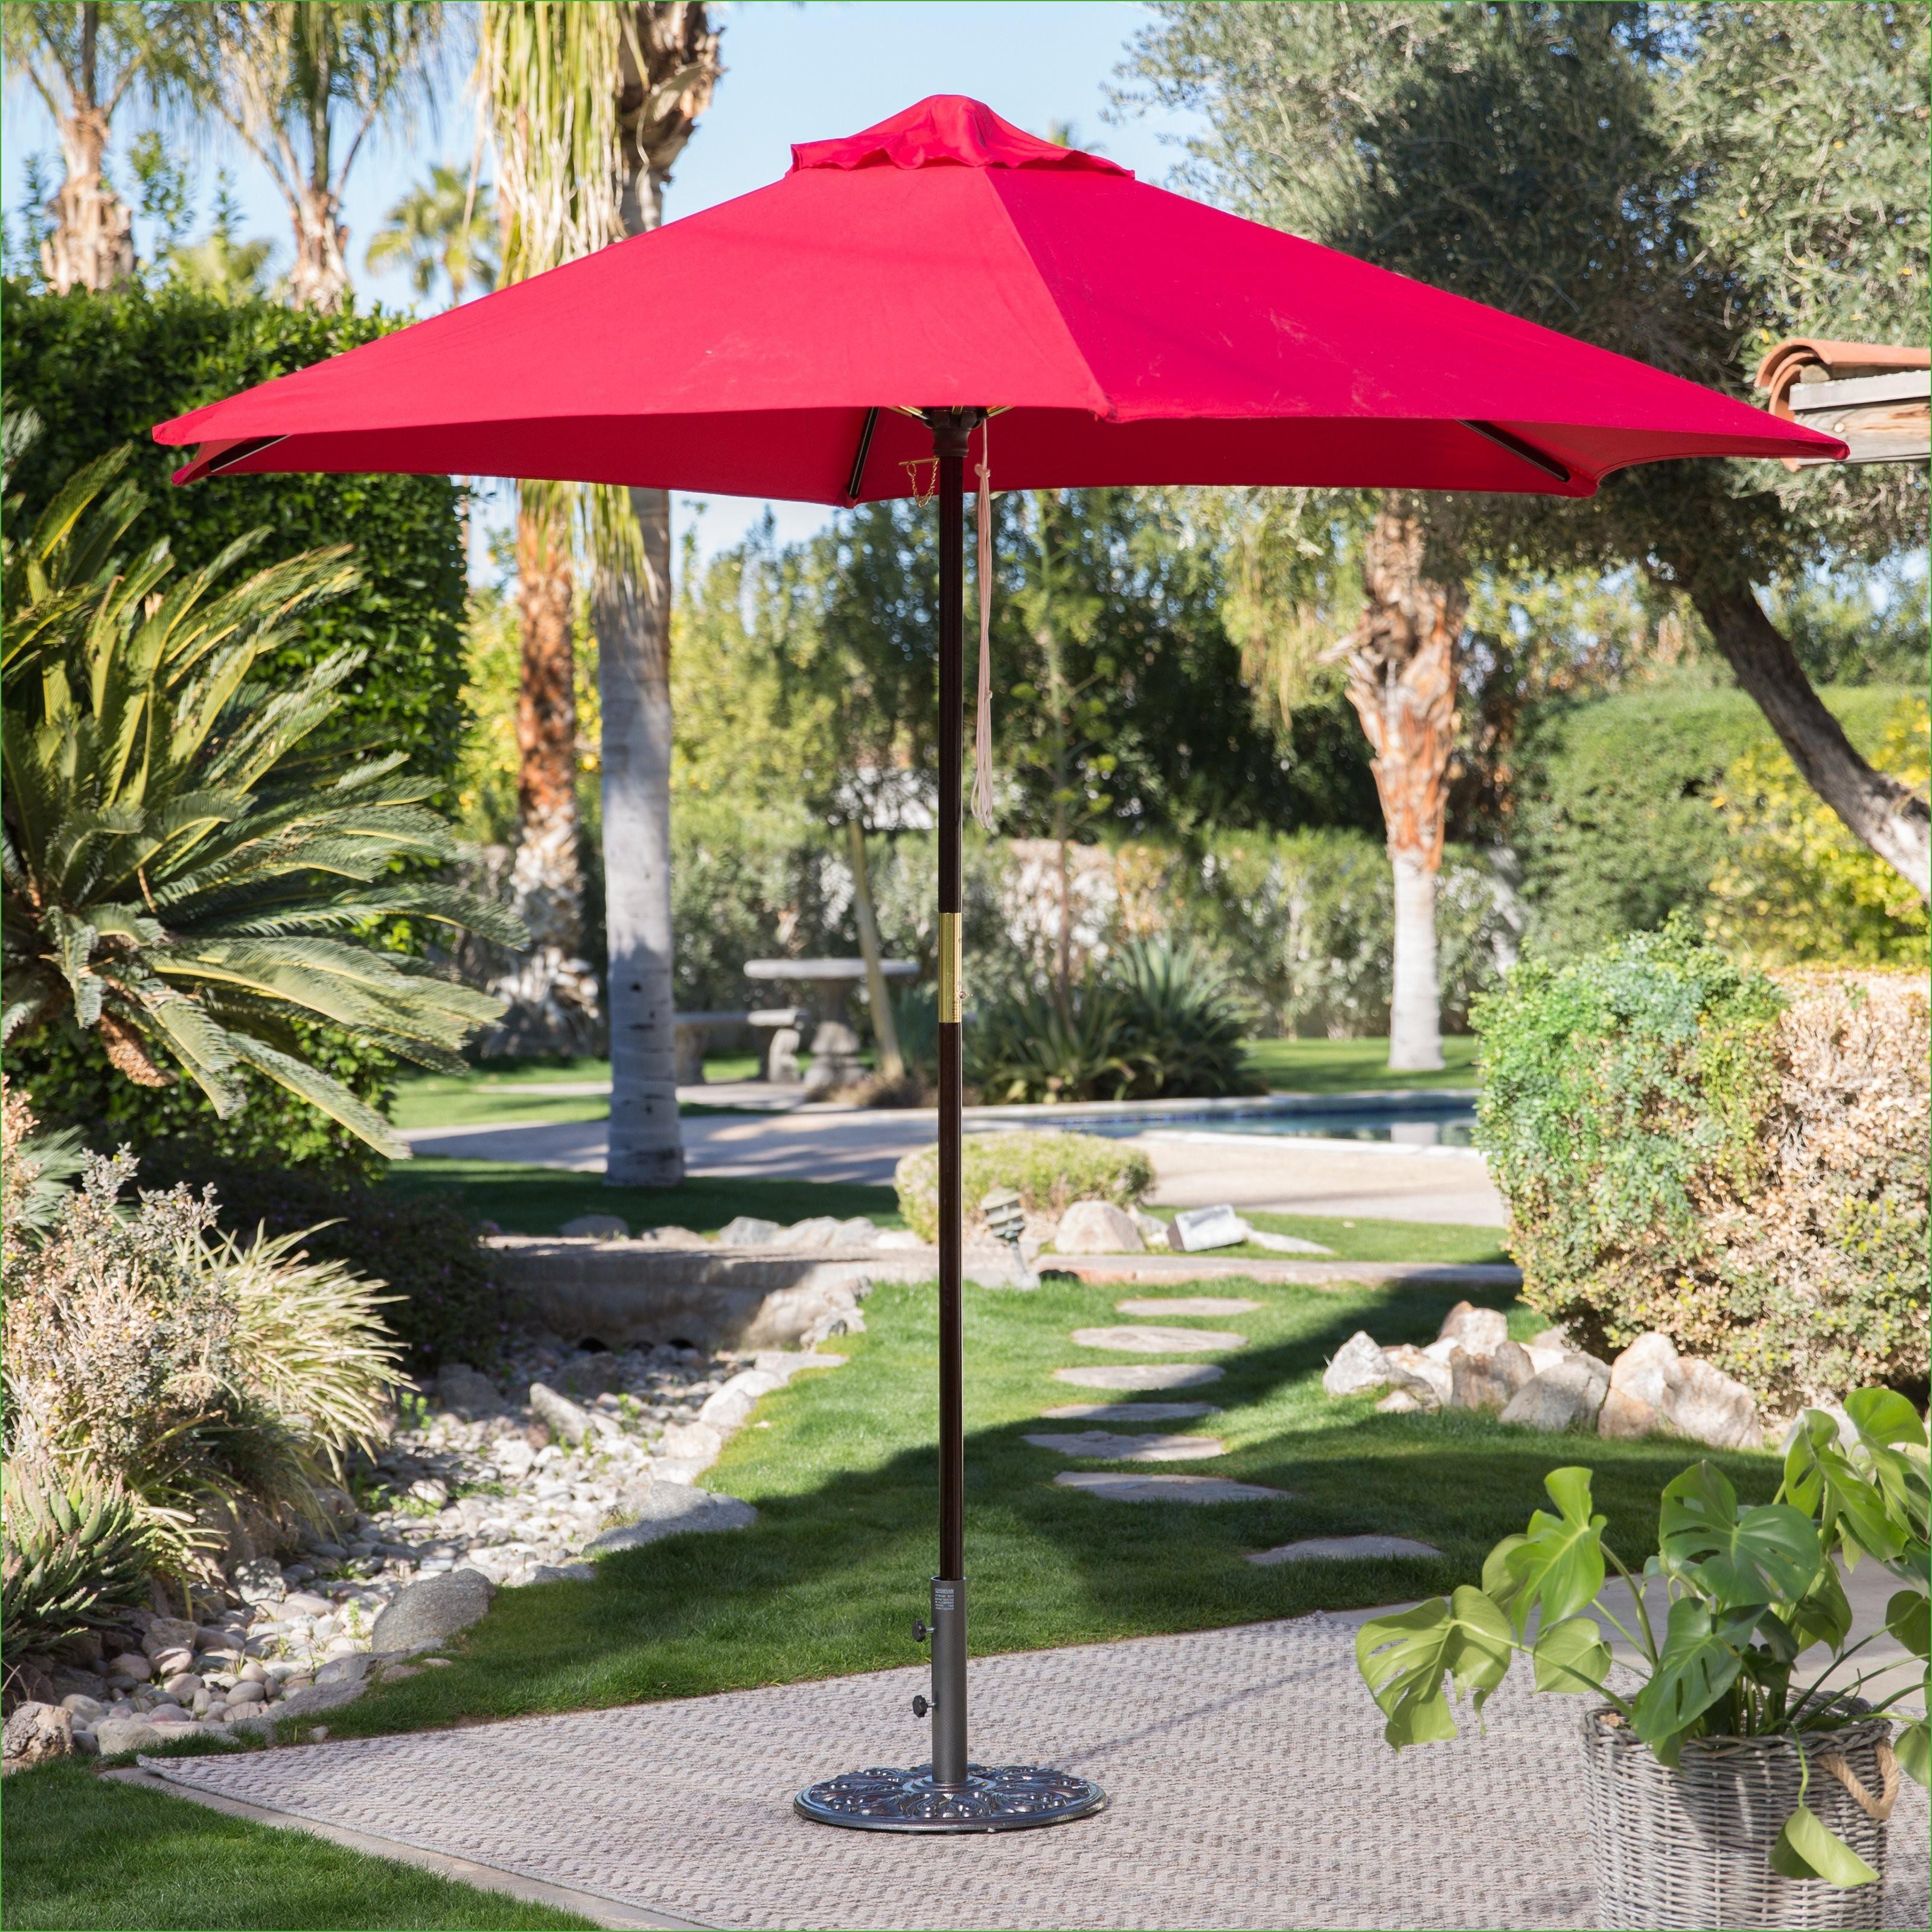 Most Recent Patio Umbrellas At Costco In Patio Umbrellas Costco Beautiful Picnic Umbrellas Lovely Outdoor (View 10 of 20)